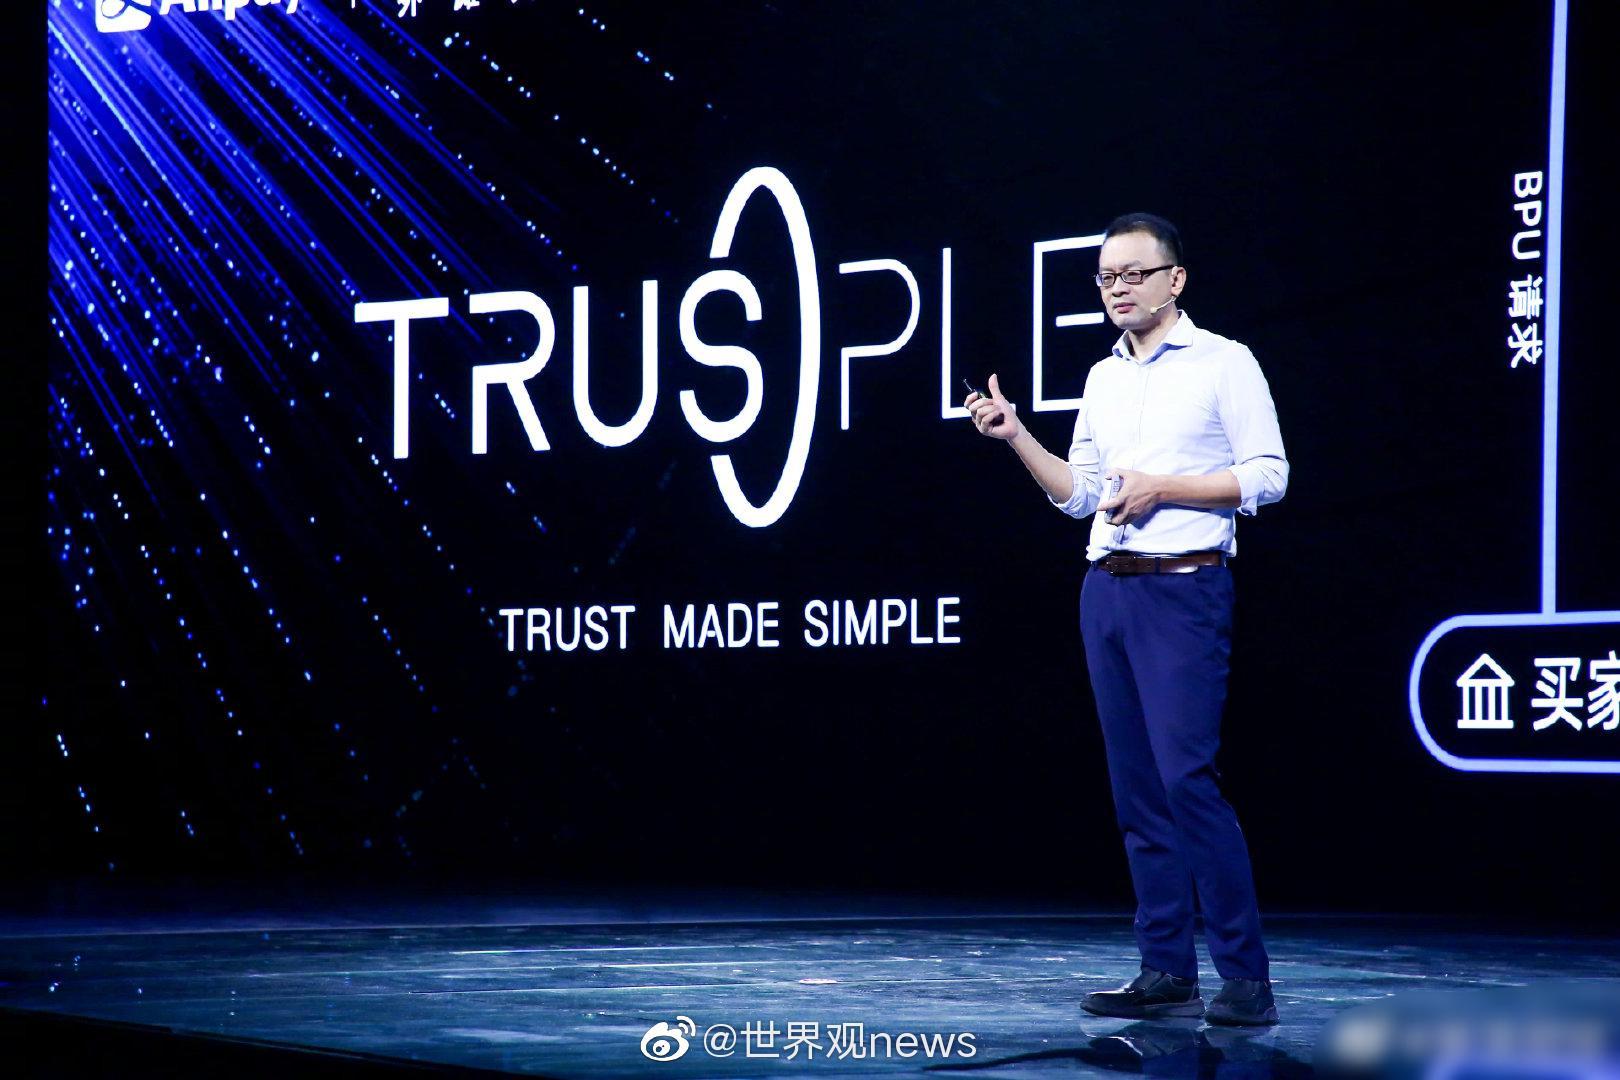 9月25日,蚂蚁集团副总裁蒋国飞发布蚂蚁链技术新平台:Trusple……